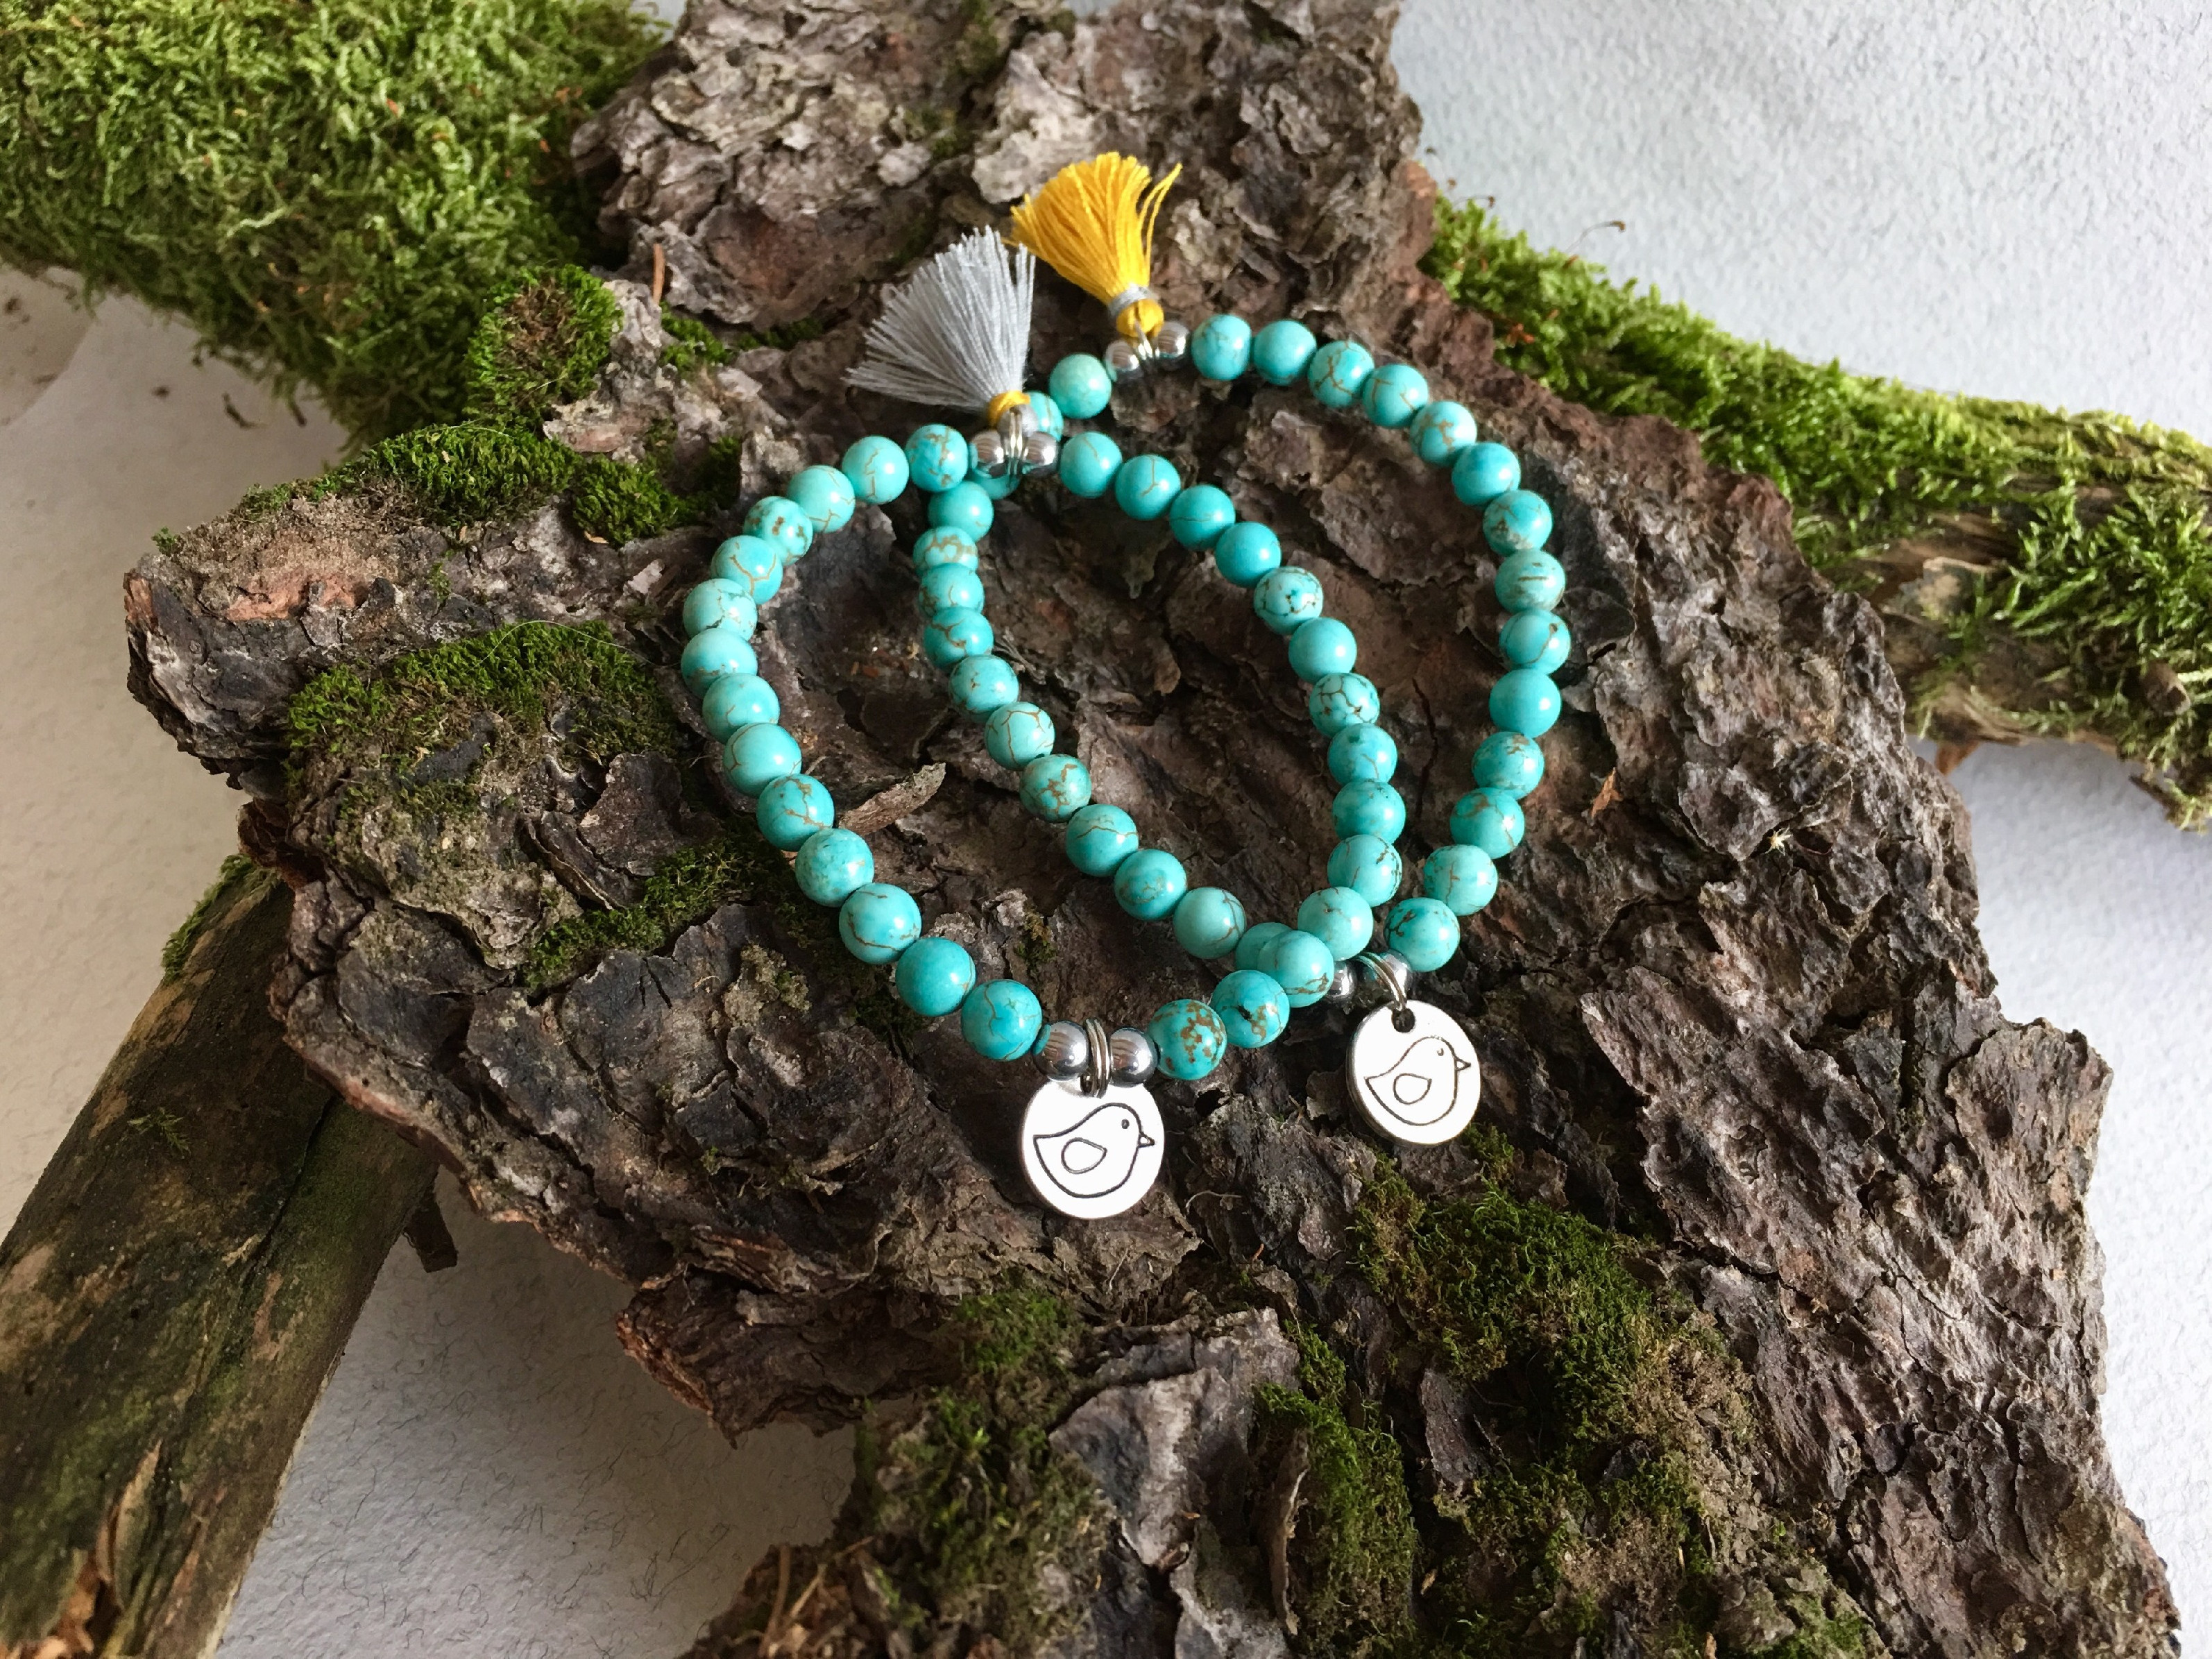 2bears Jewellery Dámský náramek polodrahokam Howlit & Tyrkys Budha náramek tyrkys & howlit: Budha Tyrkys + DOPRAVA ZDARMA po celý rok!